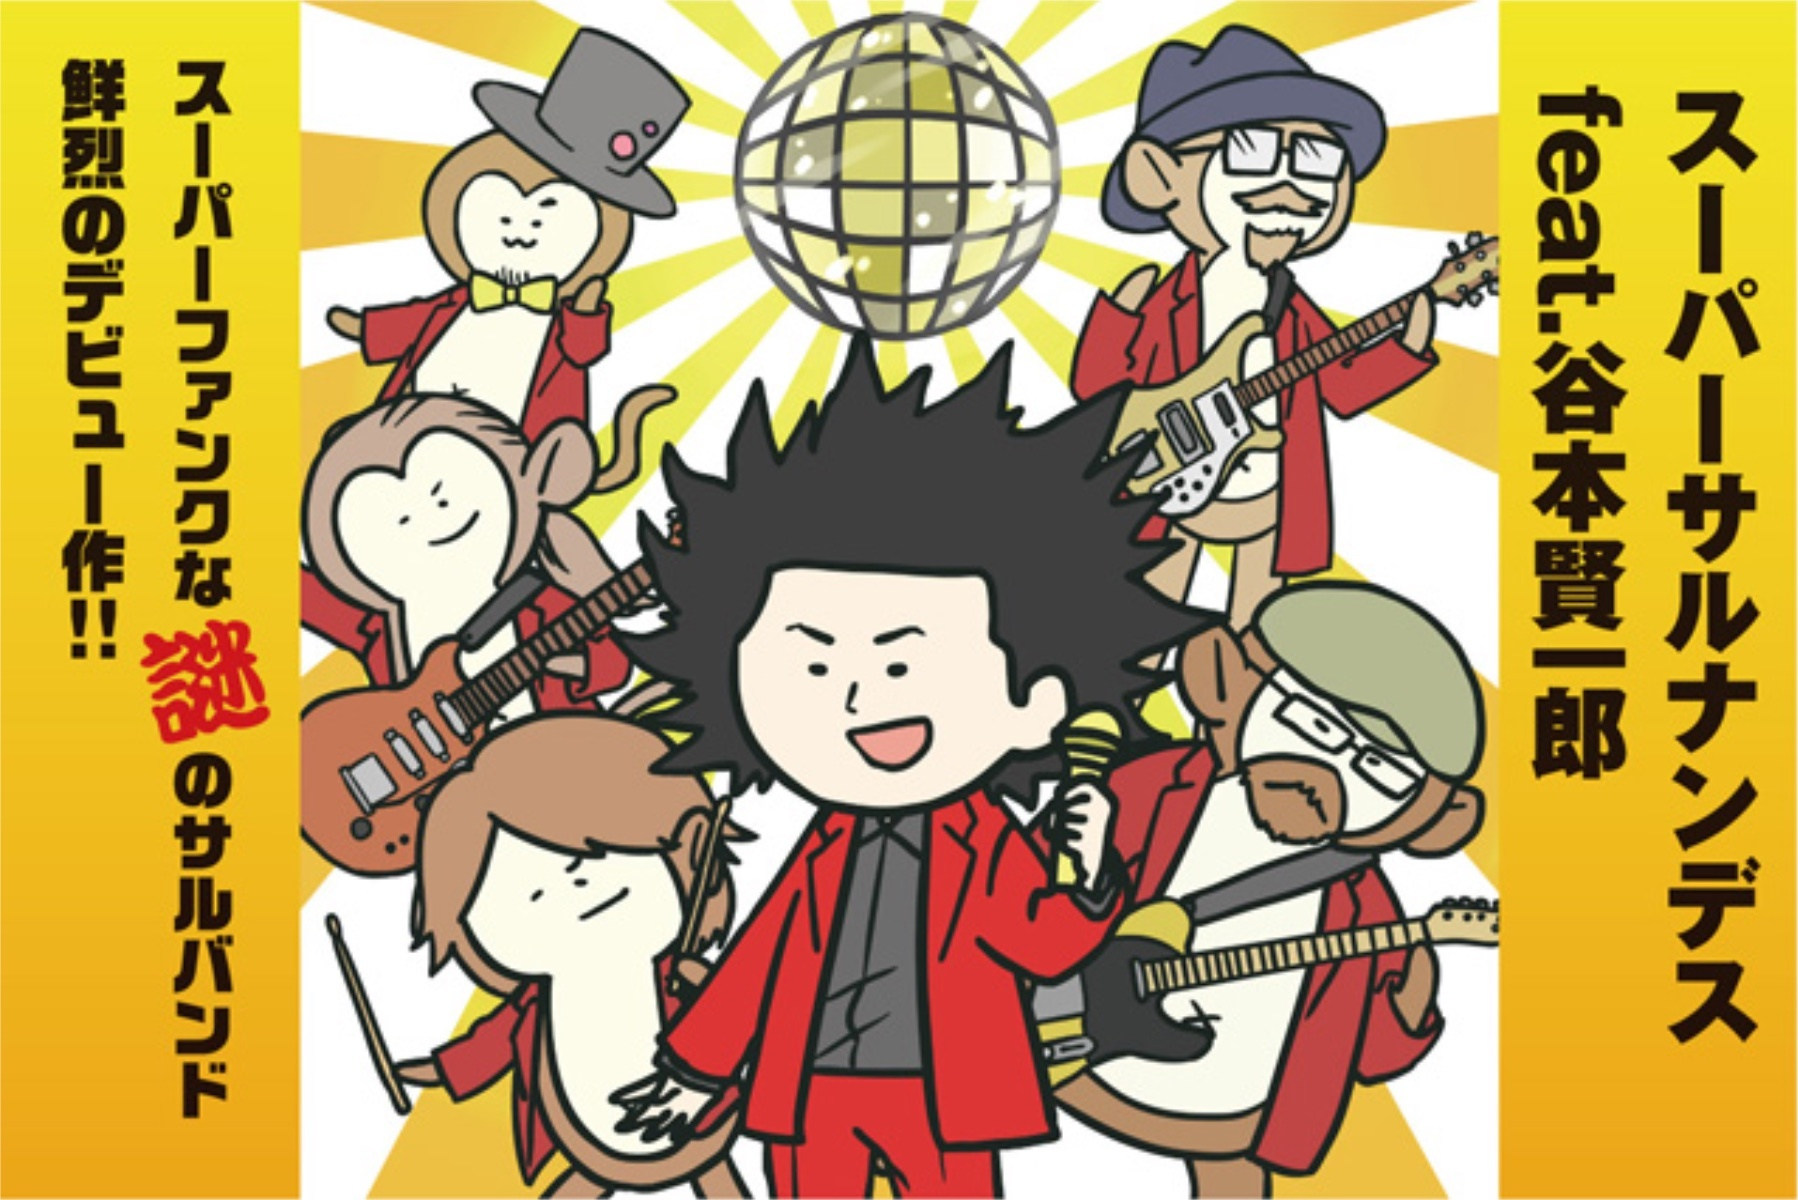 スーパーサルナンデス feat. 谷本賢一郎クラウドファンディング限定第1弾シングル